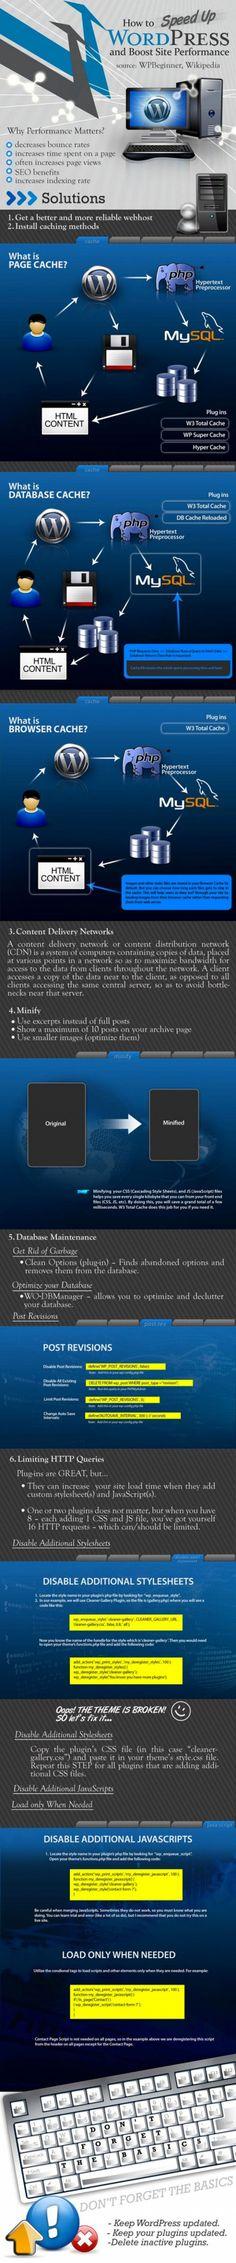 Wordpress Maintenance eewee.fr